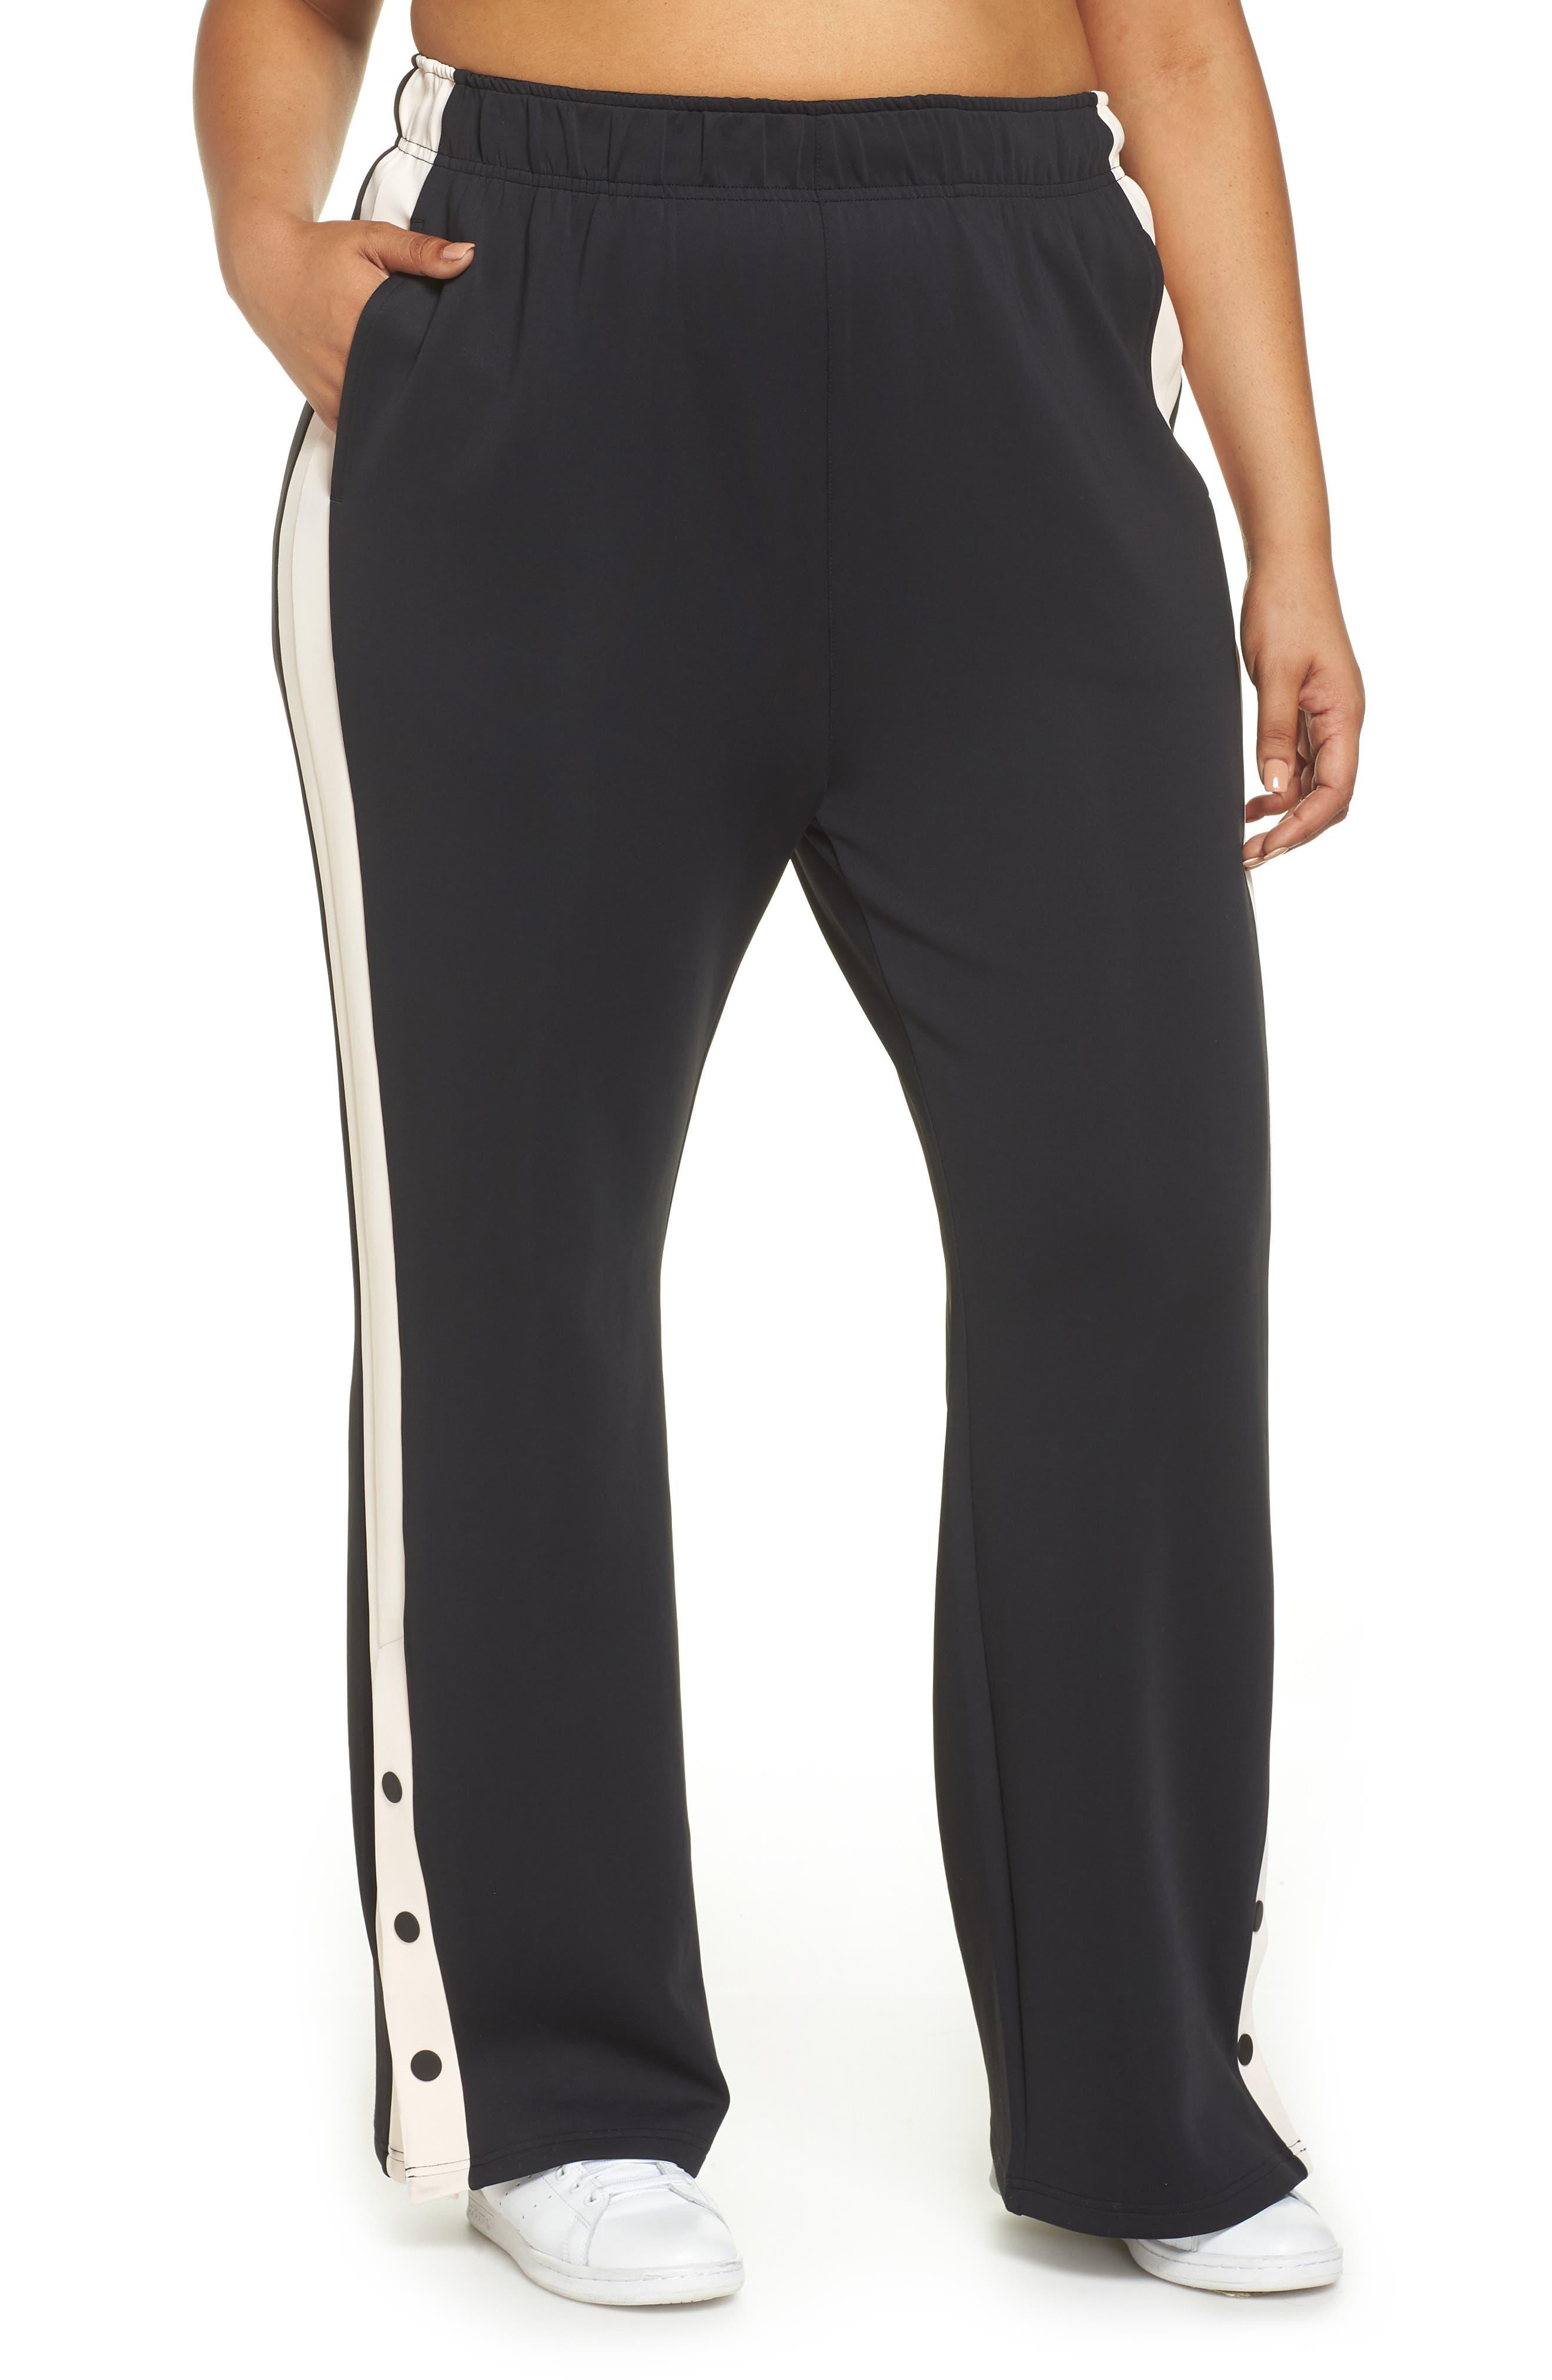 Shape Snappy Pants,                             Main thumbnail 1, color,                             002